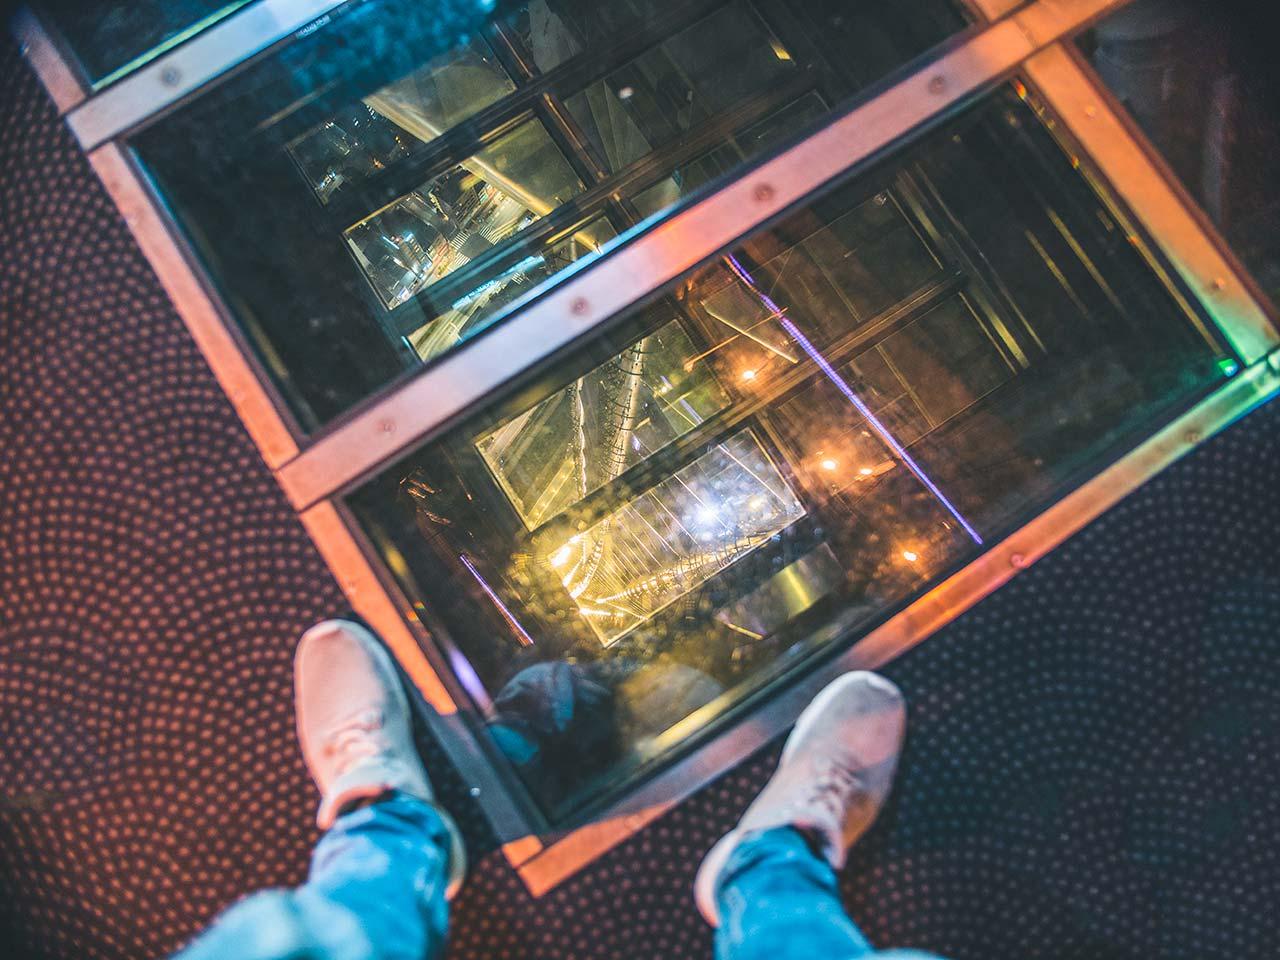 Glasboden im Tokyo Skytree - höchster Fernsehturm der Welt